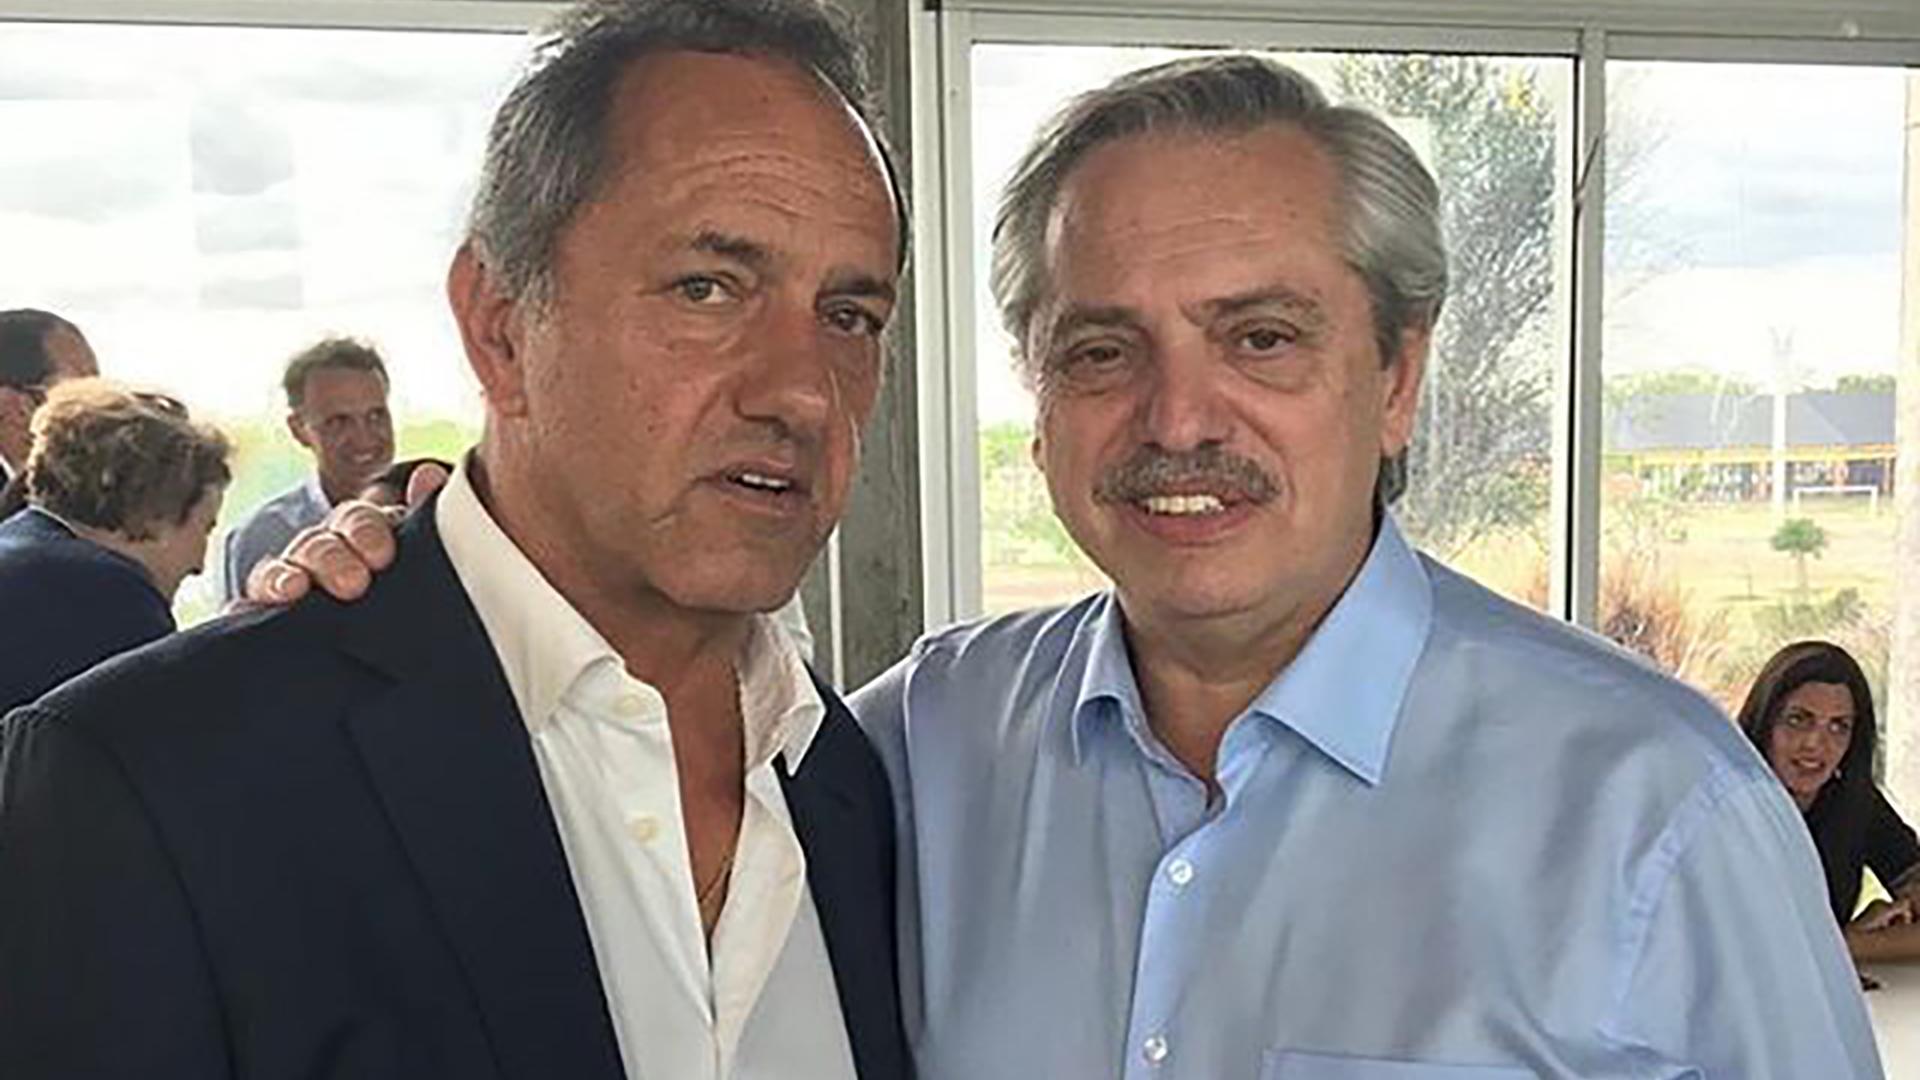 Cuando Alberto Fernández renunció al gobierno de Cristina Fernández de Kirchner, quedó casi a la intemperie. Daniel Scioli lo refugió y se transformó en asesor. Aquí, ya con el Fernandez candidato a presidente.